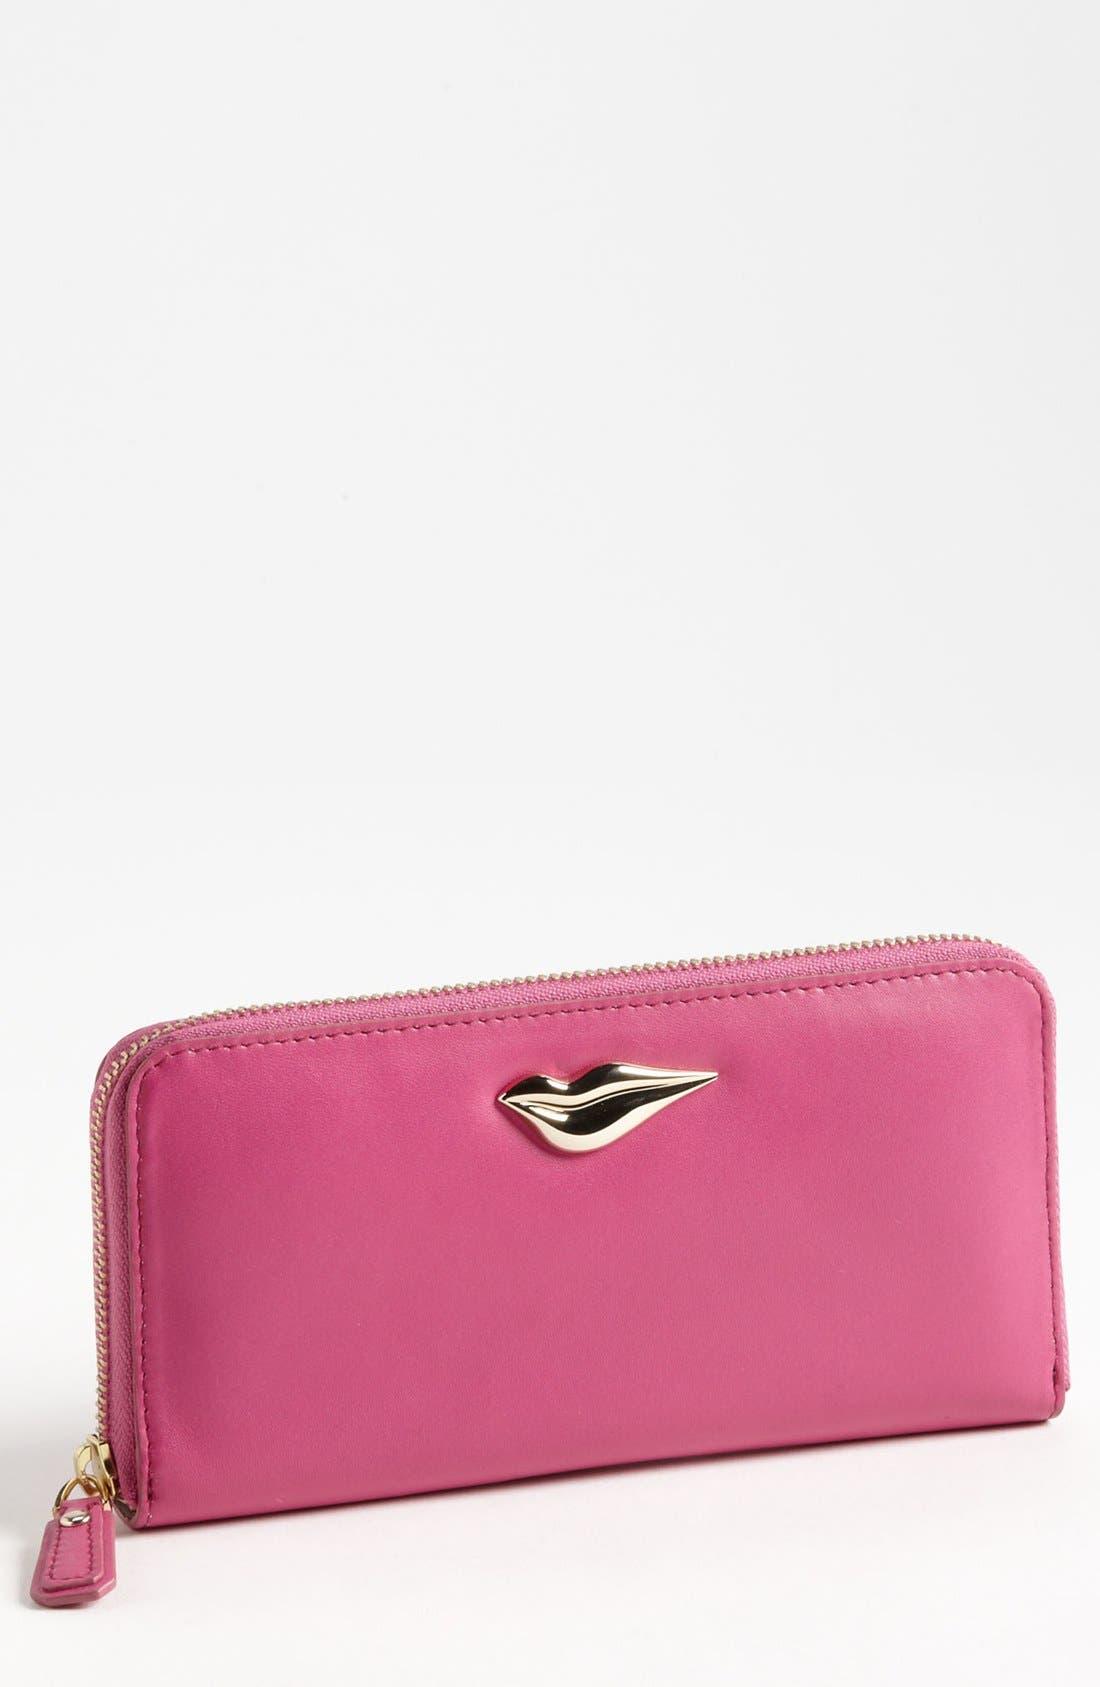 Main Image - Diane von Furstenberg 'Lips' Leather Wallet